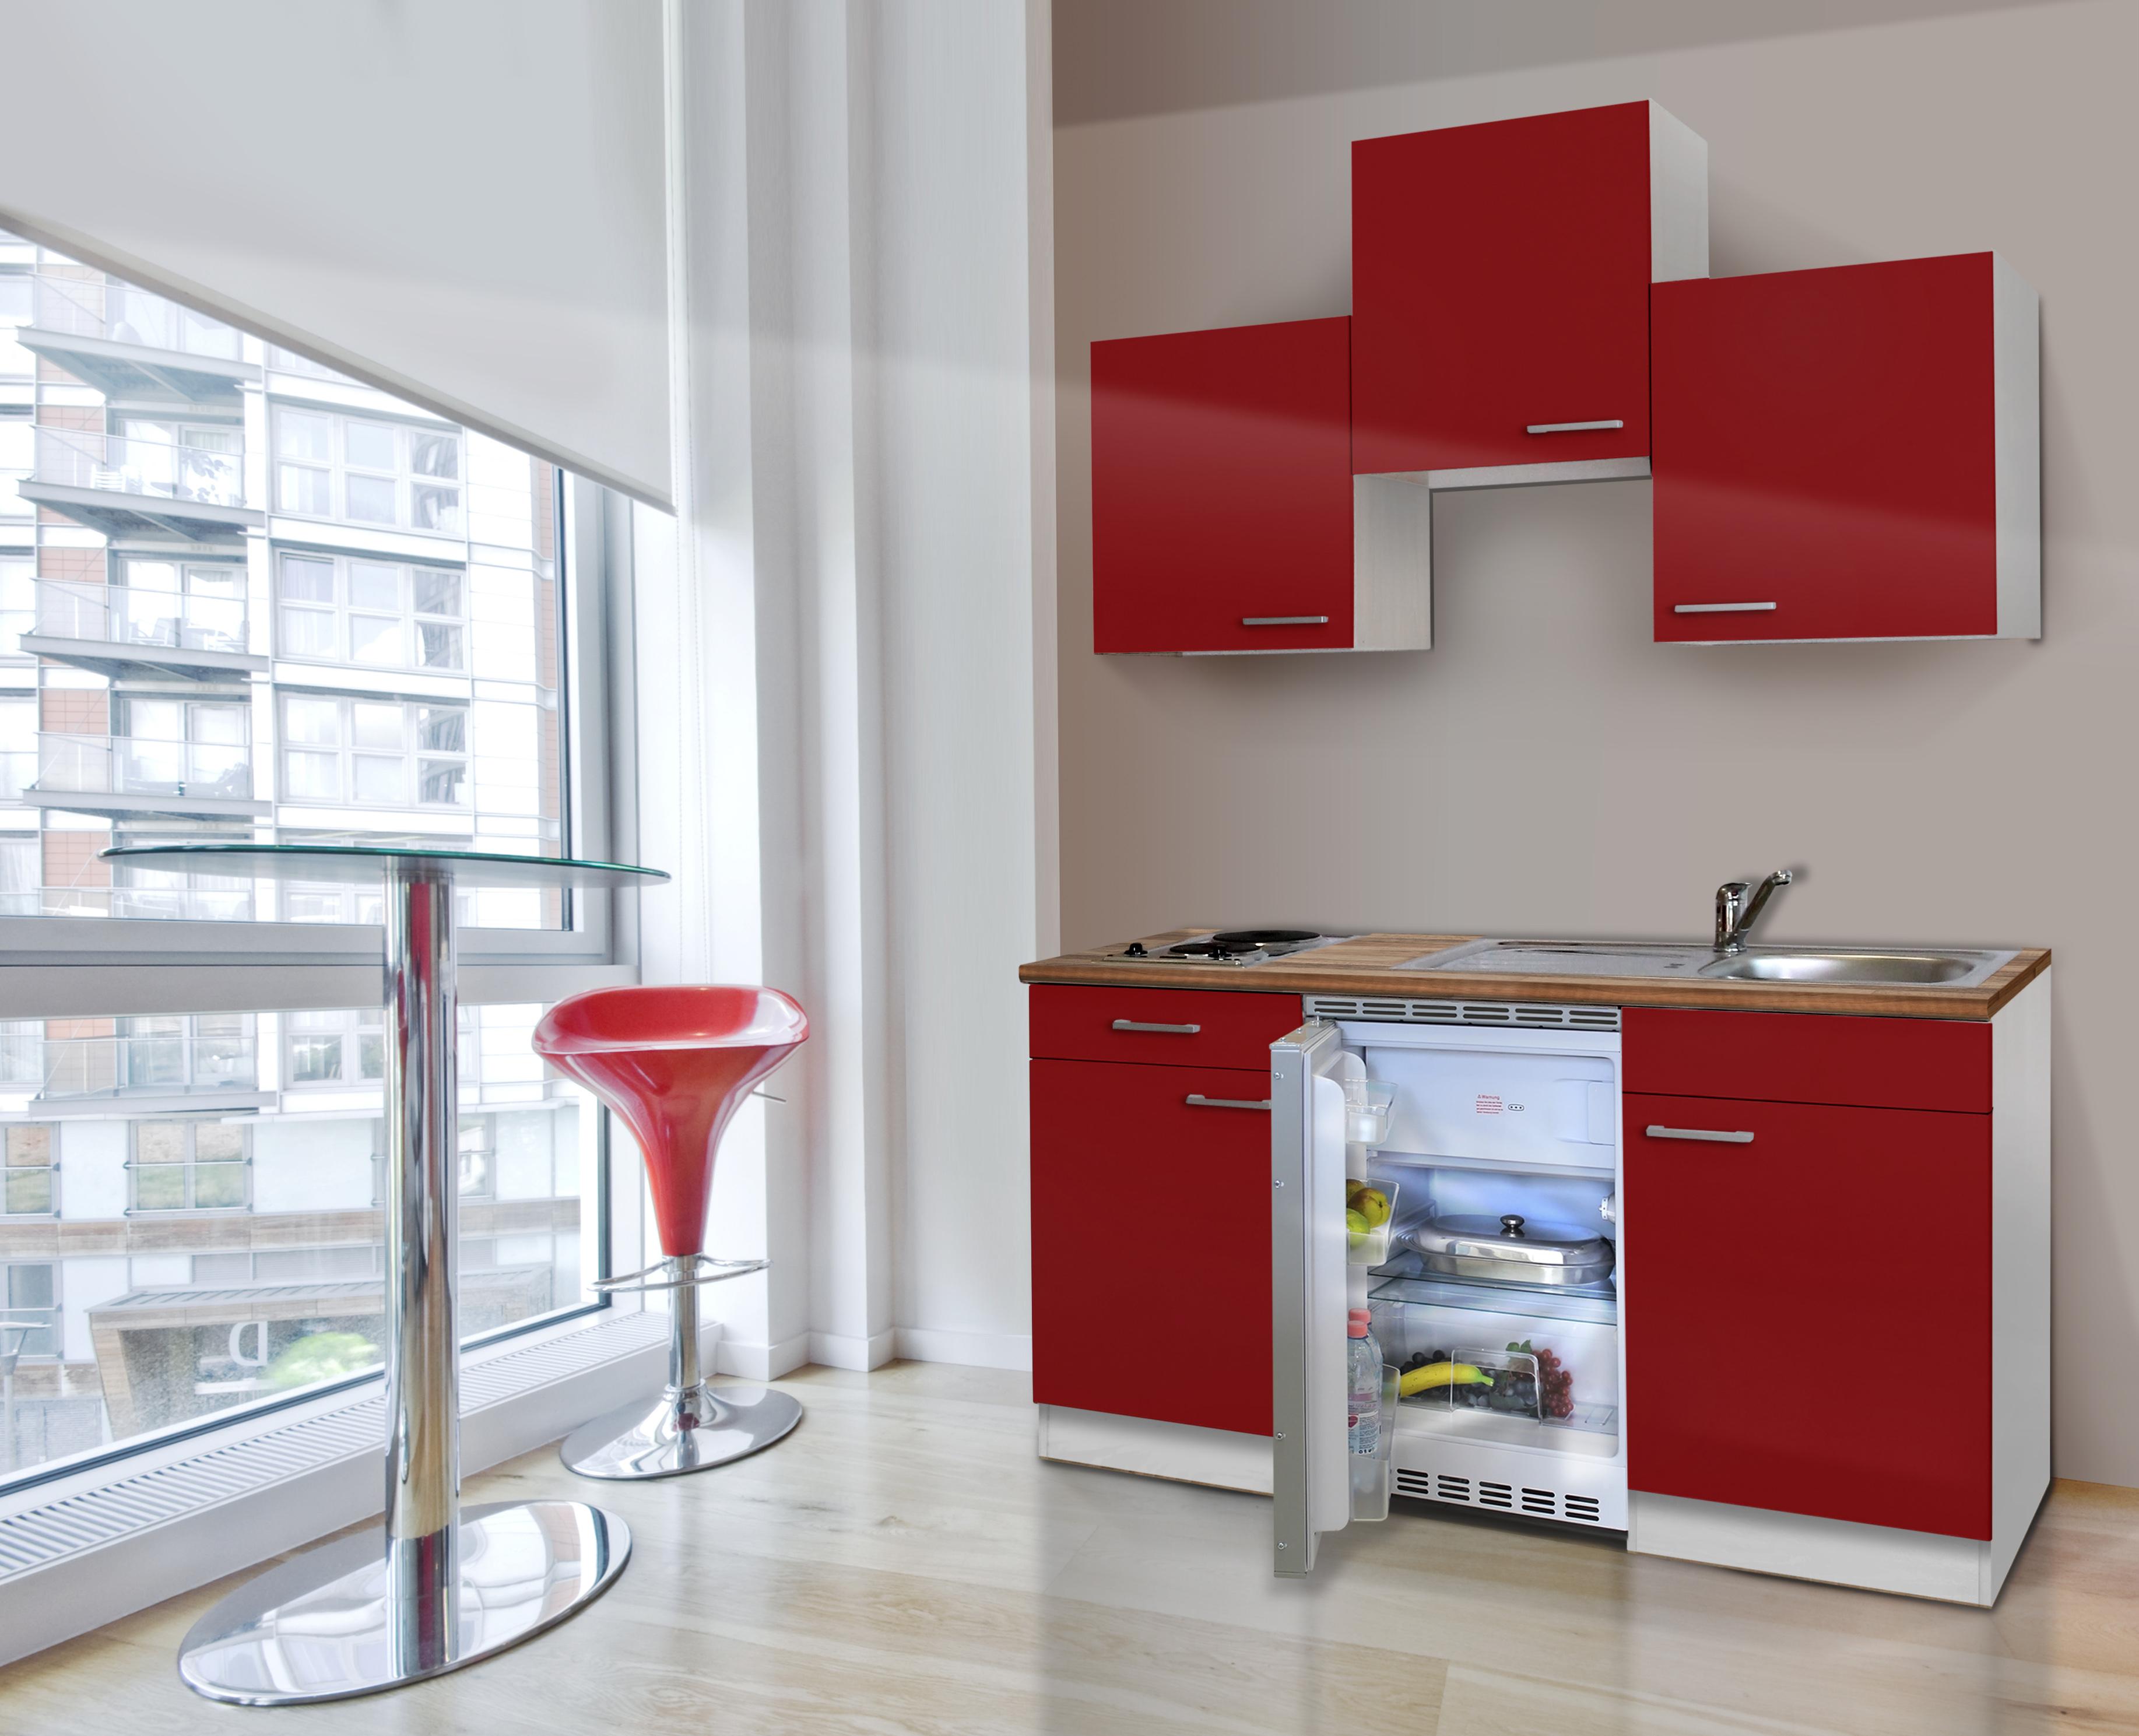 respekta Küche Miniküche Singleküche Küchenzeile Küchenblock 150 cm weiß rot